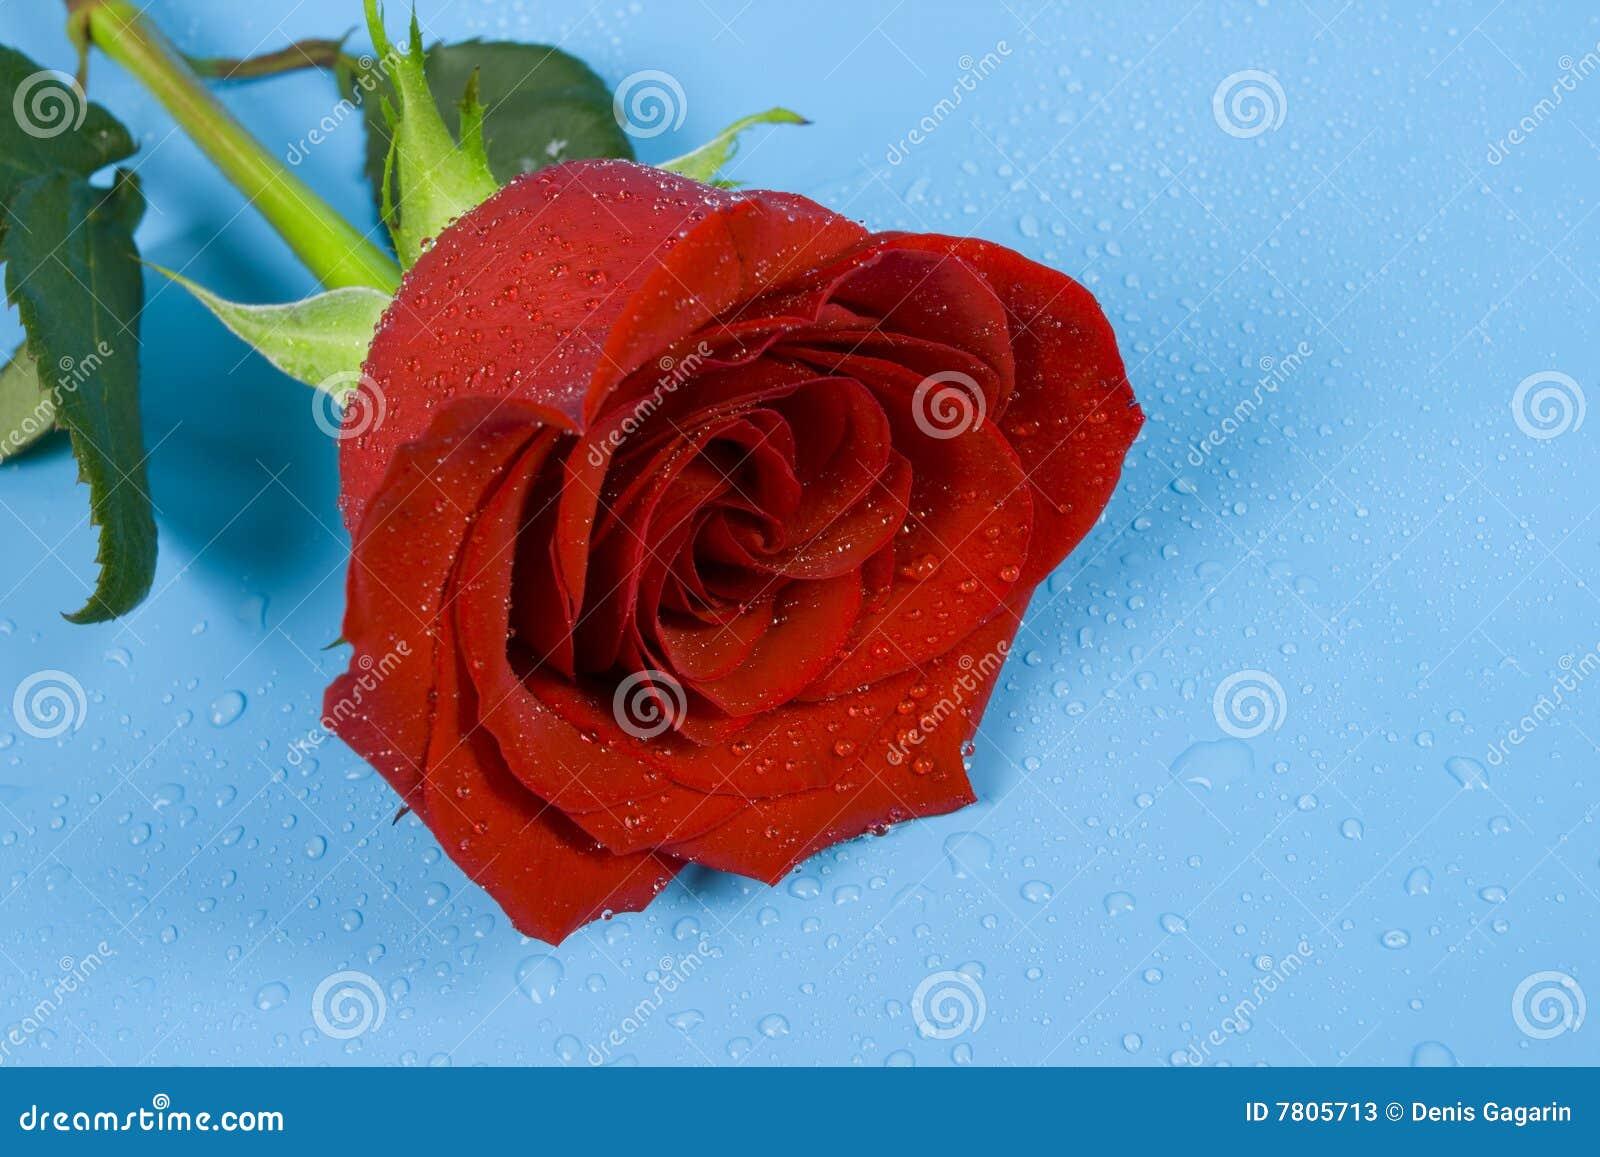 Rose del amor con gotas